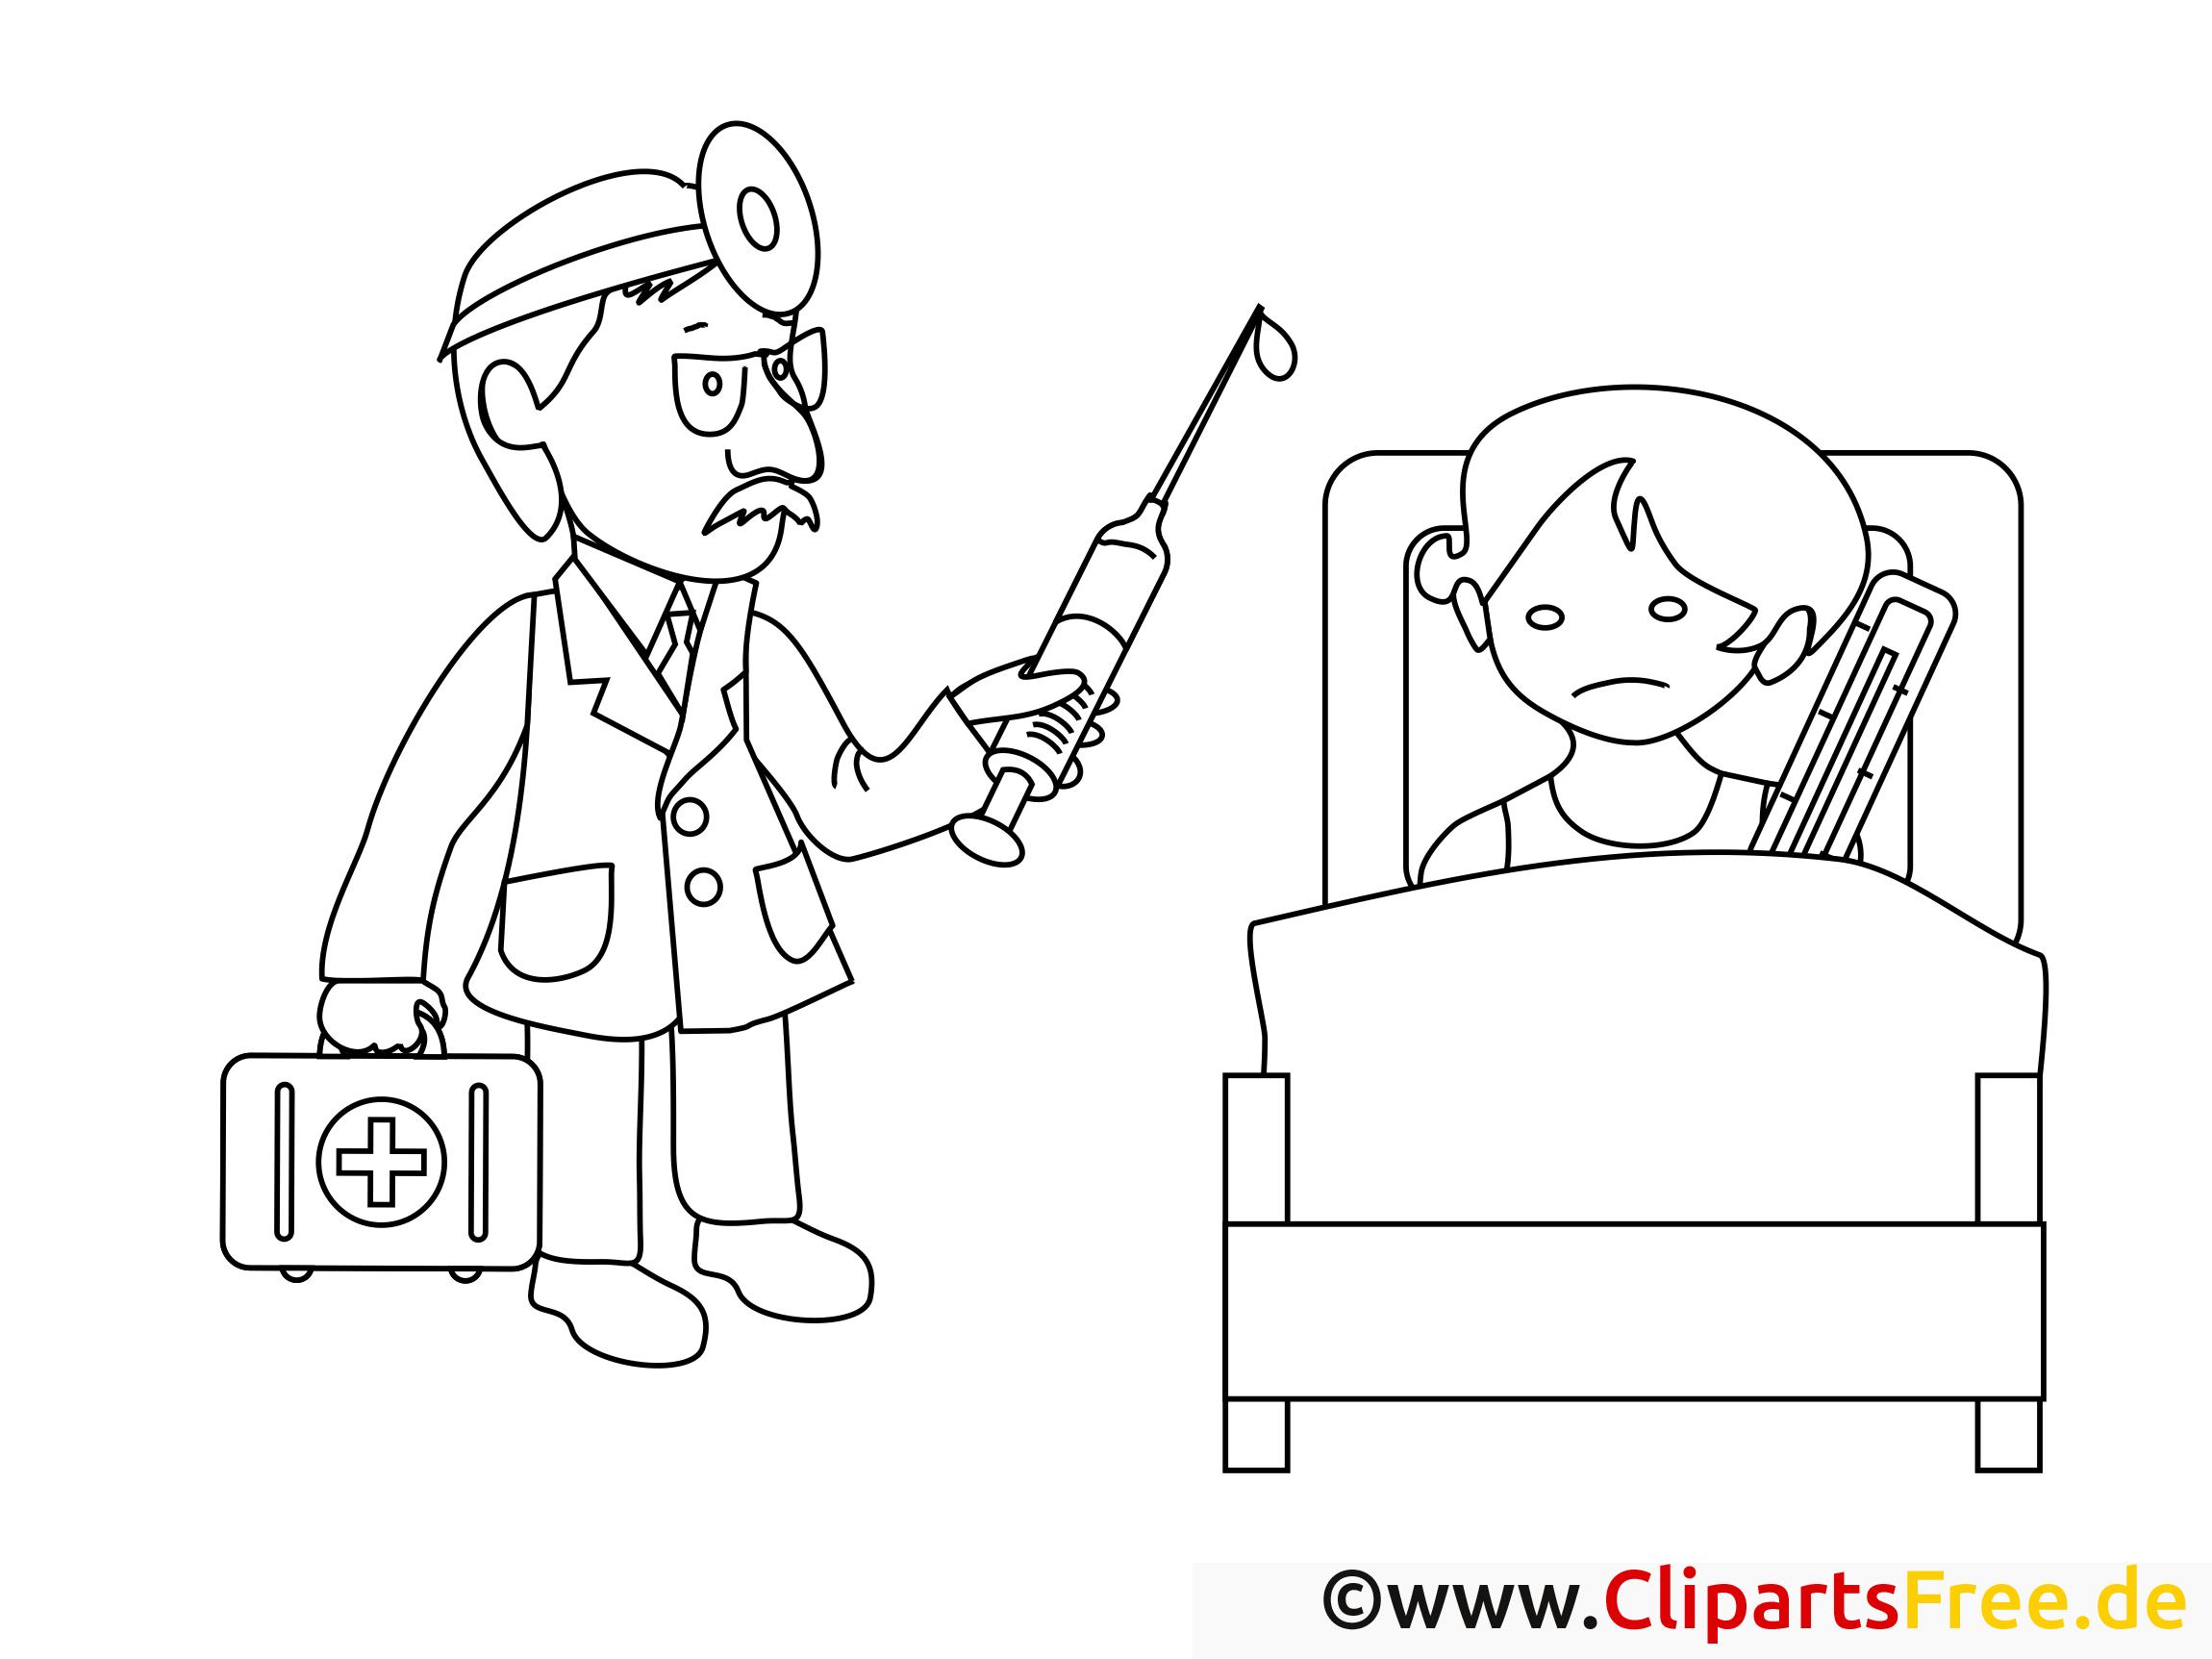 Malvorlagen Für Kinder: Im Krankenhaus Ausmalbilder